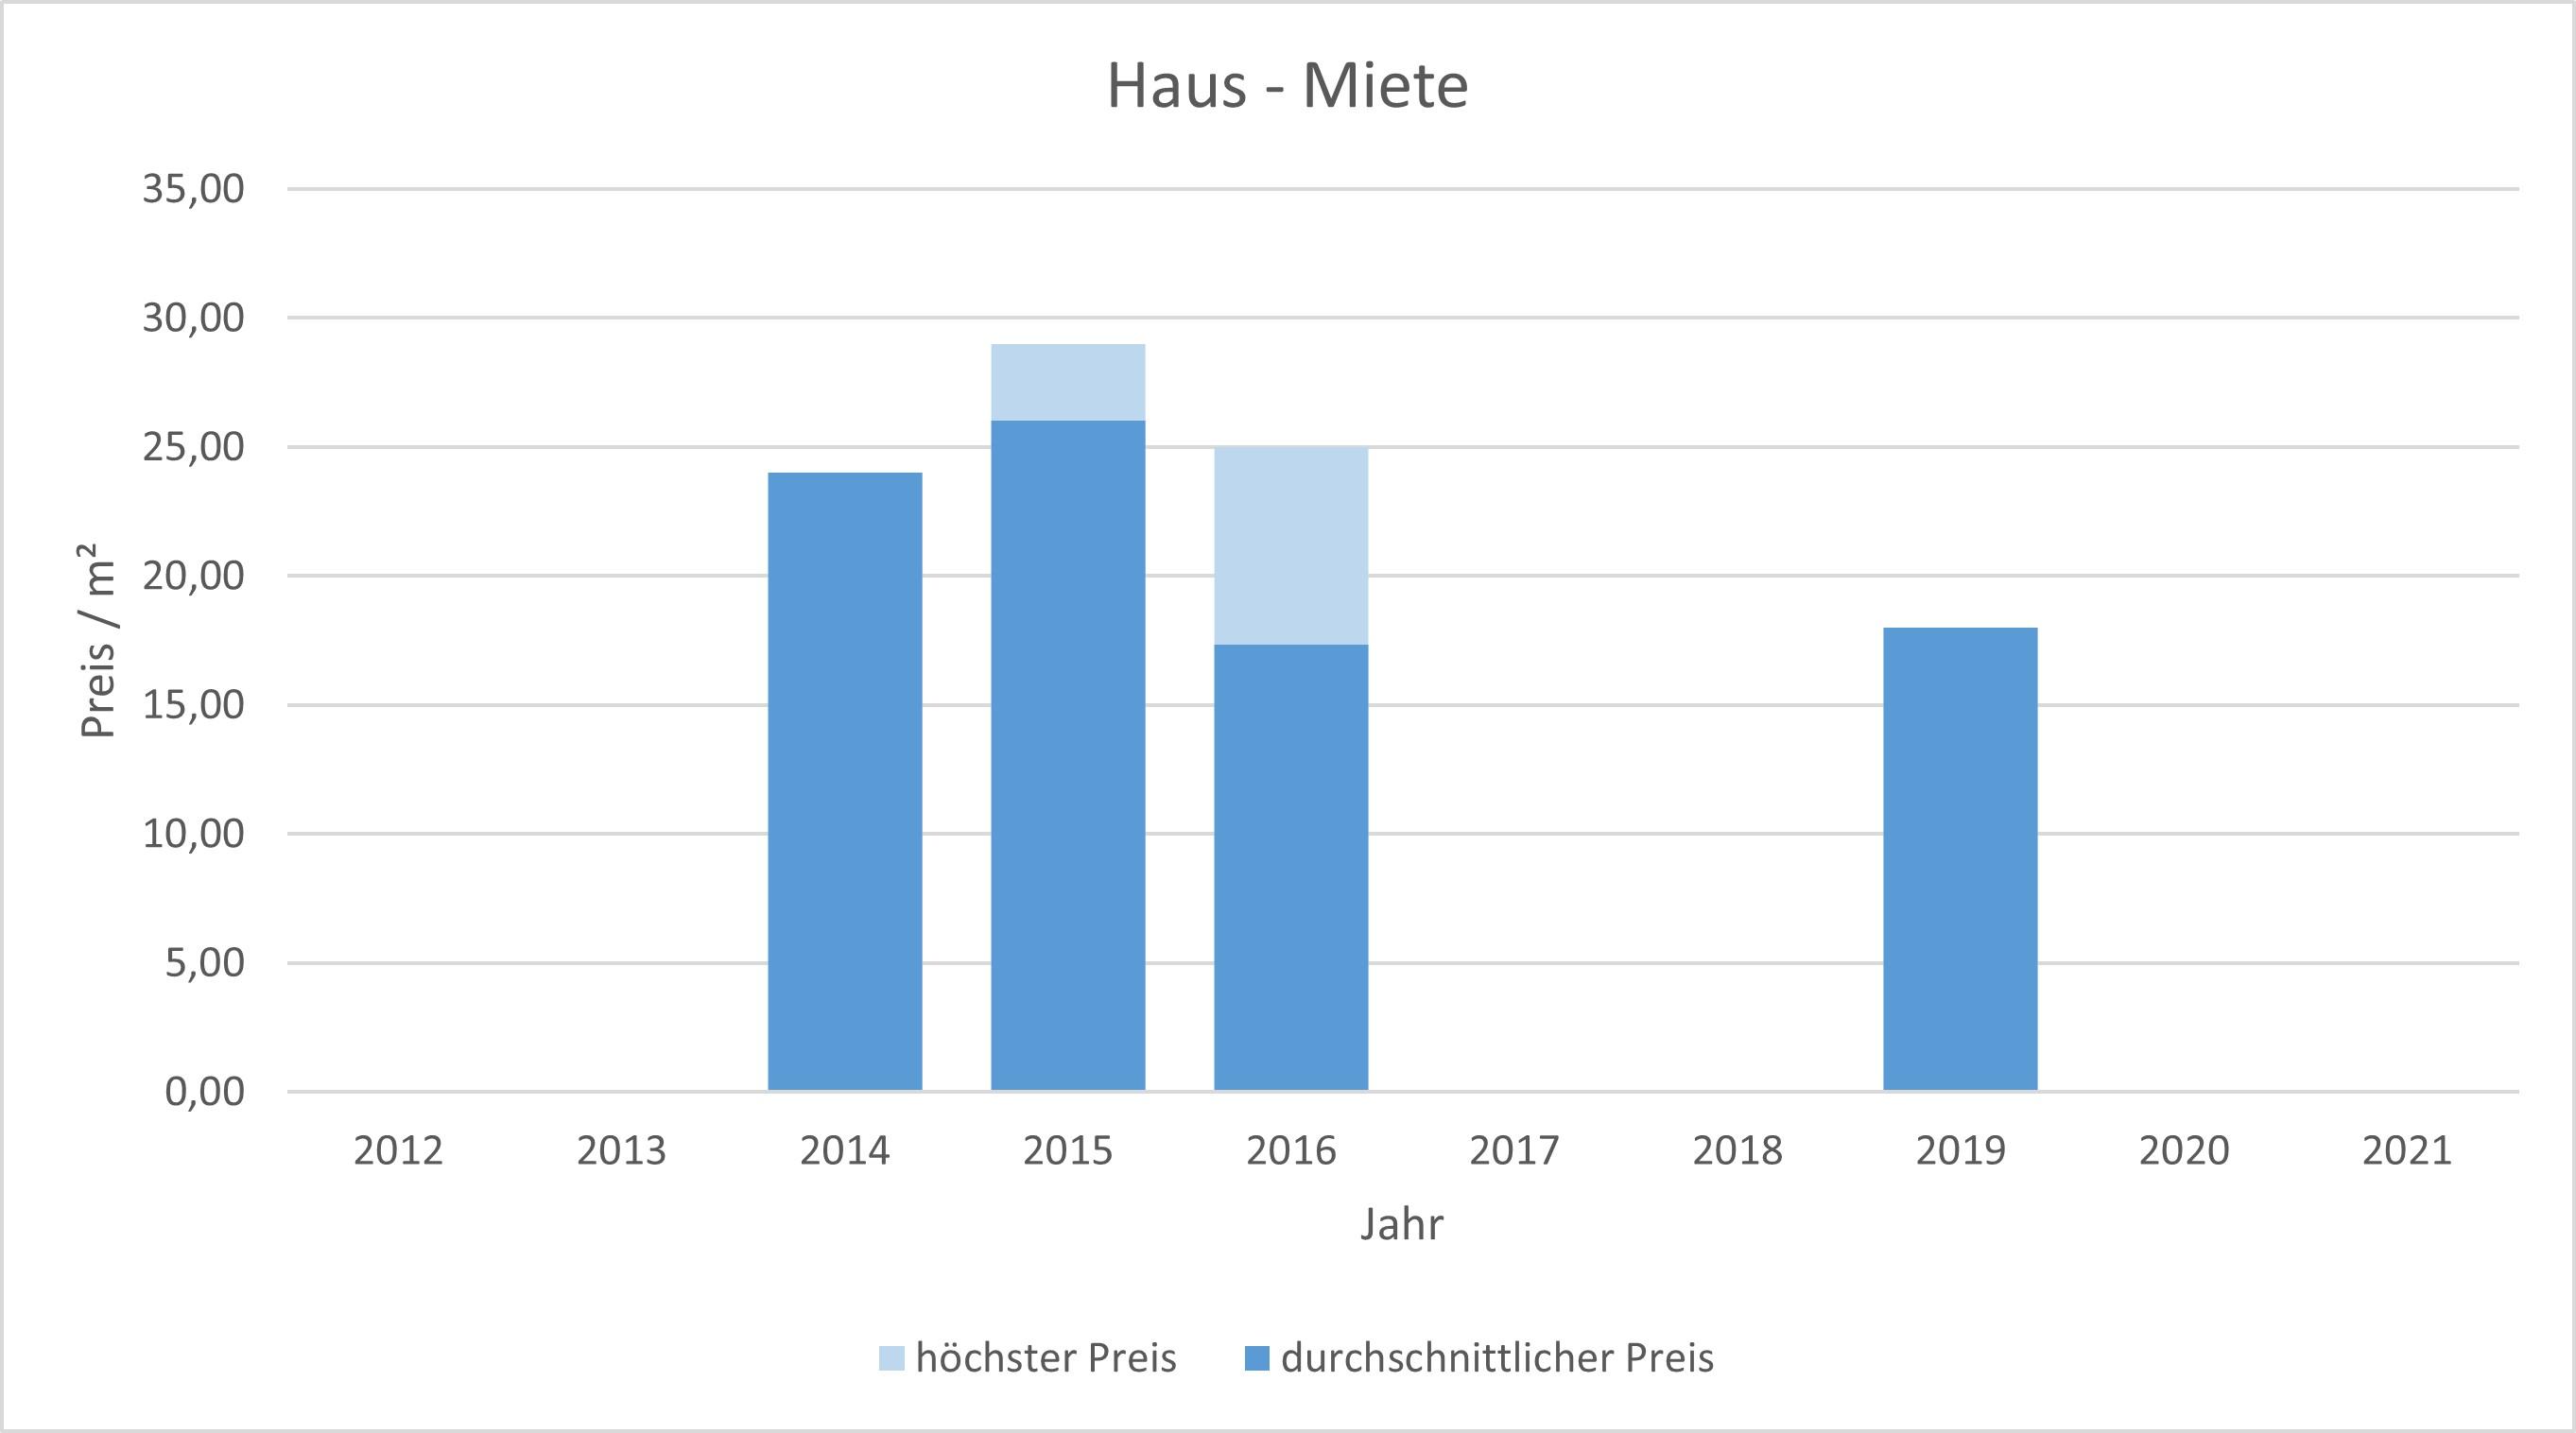 München - Lehel Haus mieten vermieten Preis Bewertung Makler www.happy-immo.de 2019 2020 2021